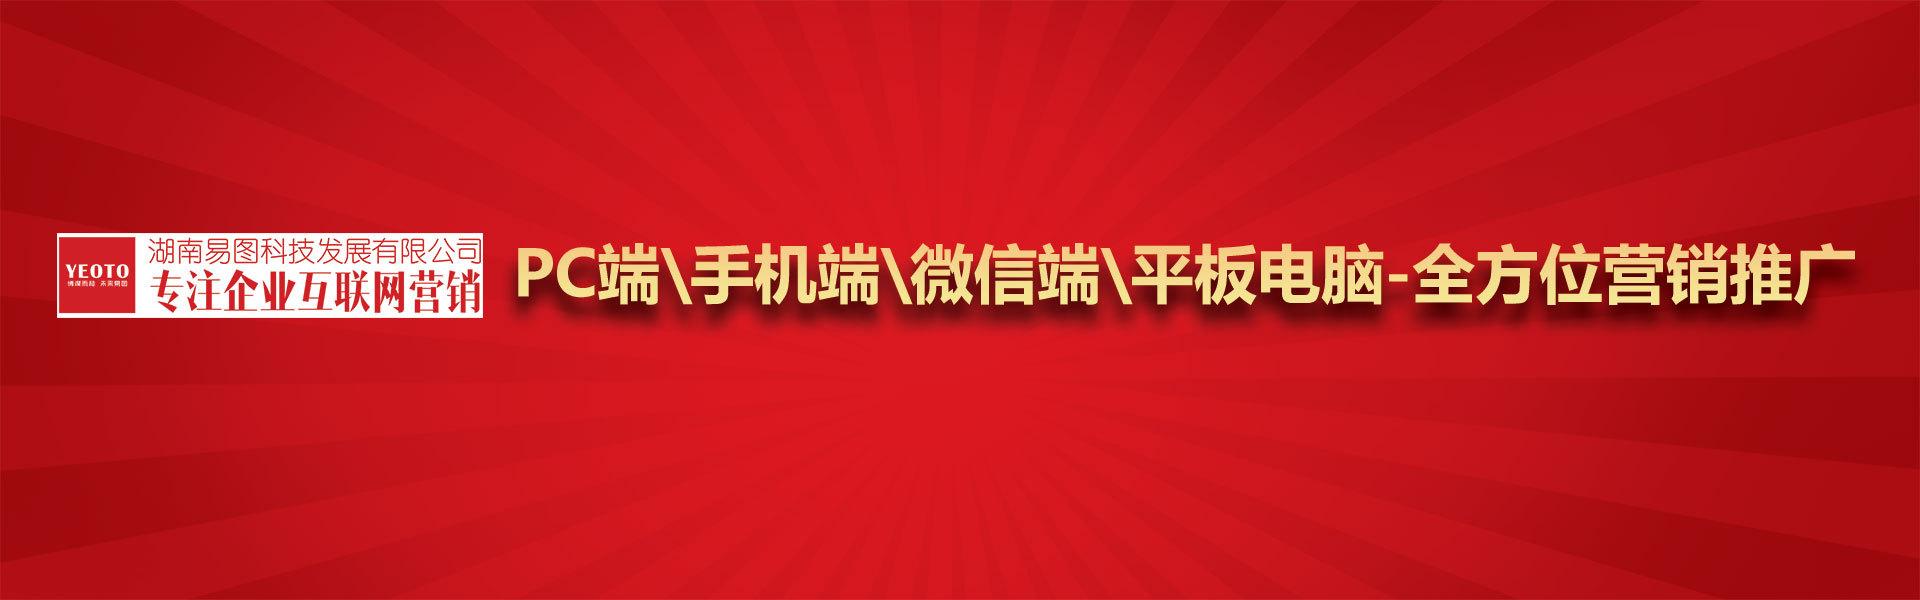 企业网络营销首选品牌,600分站,易图科技!